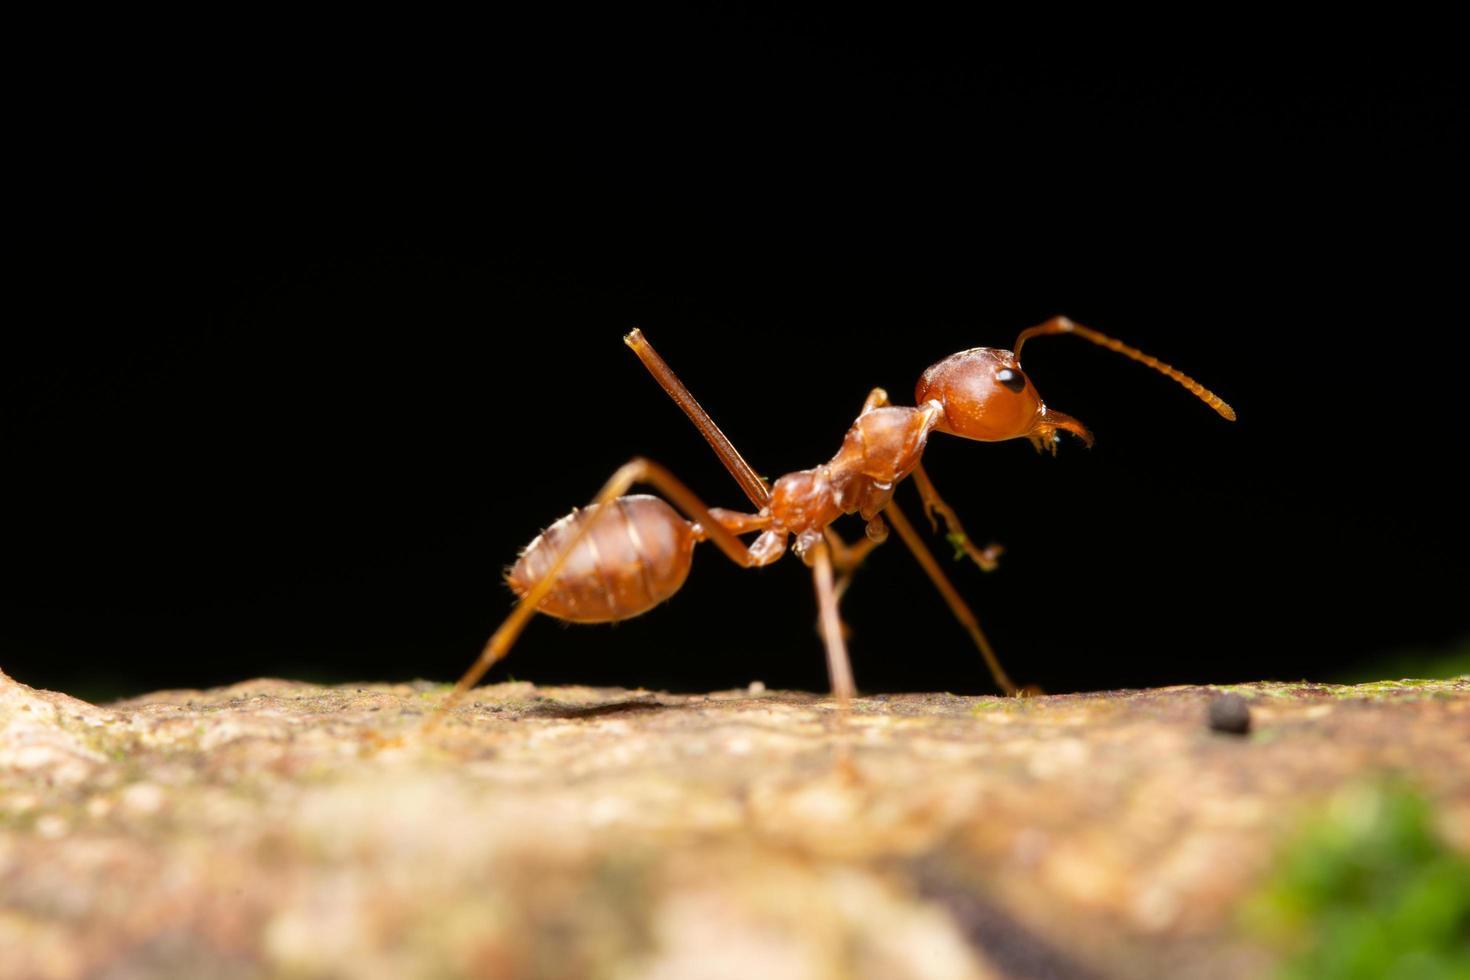 Ameise auf einer Pflanze foto